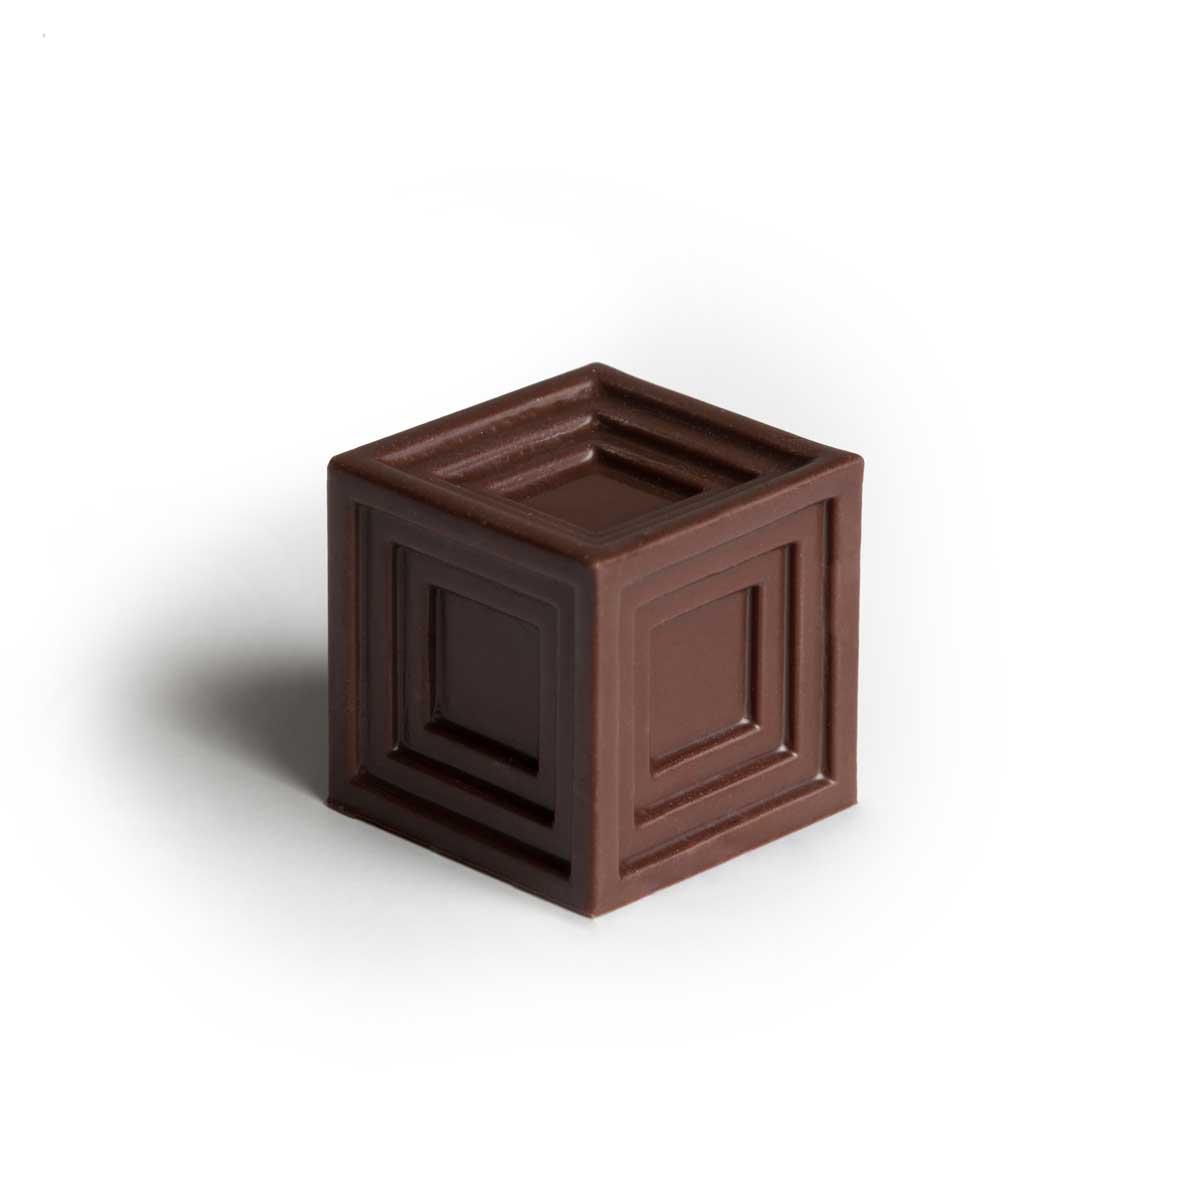 3D-gedruckte Schokoladen-Miniaturskulpturen 3d-gedruckte-schokolade-Ryan-L-Foote_02